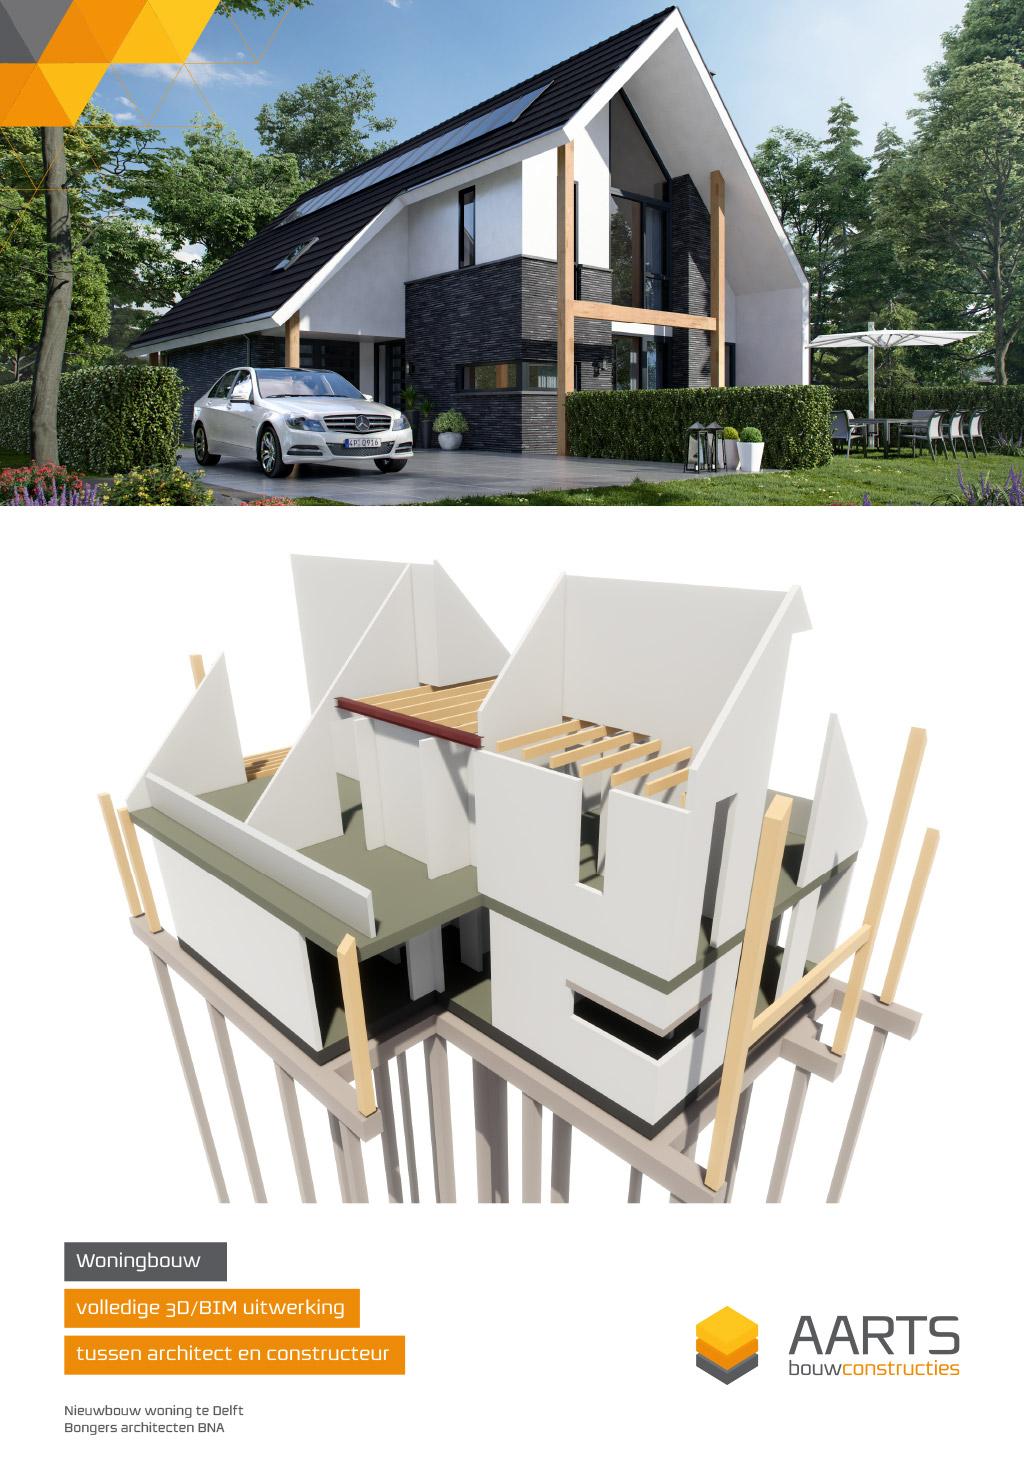 Woning - 3D BIM uitwerking op basis van 2D input